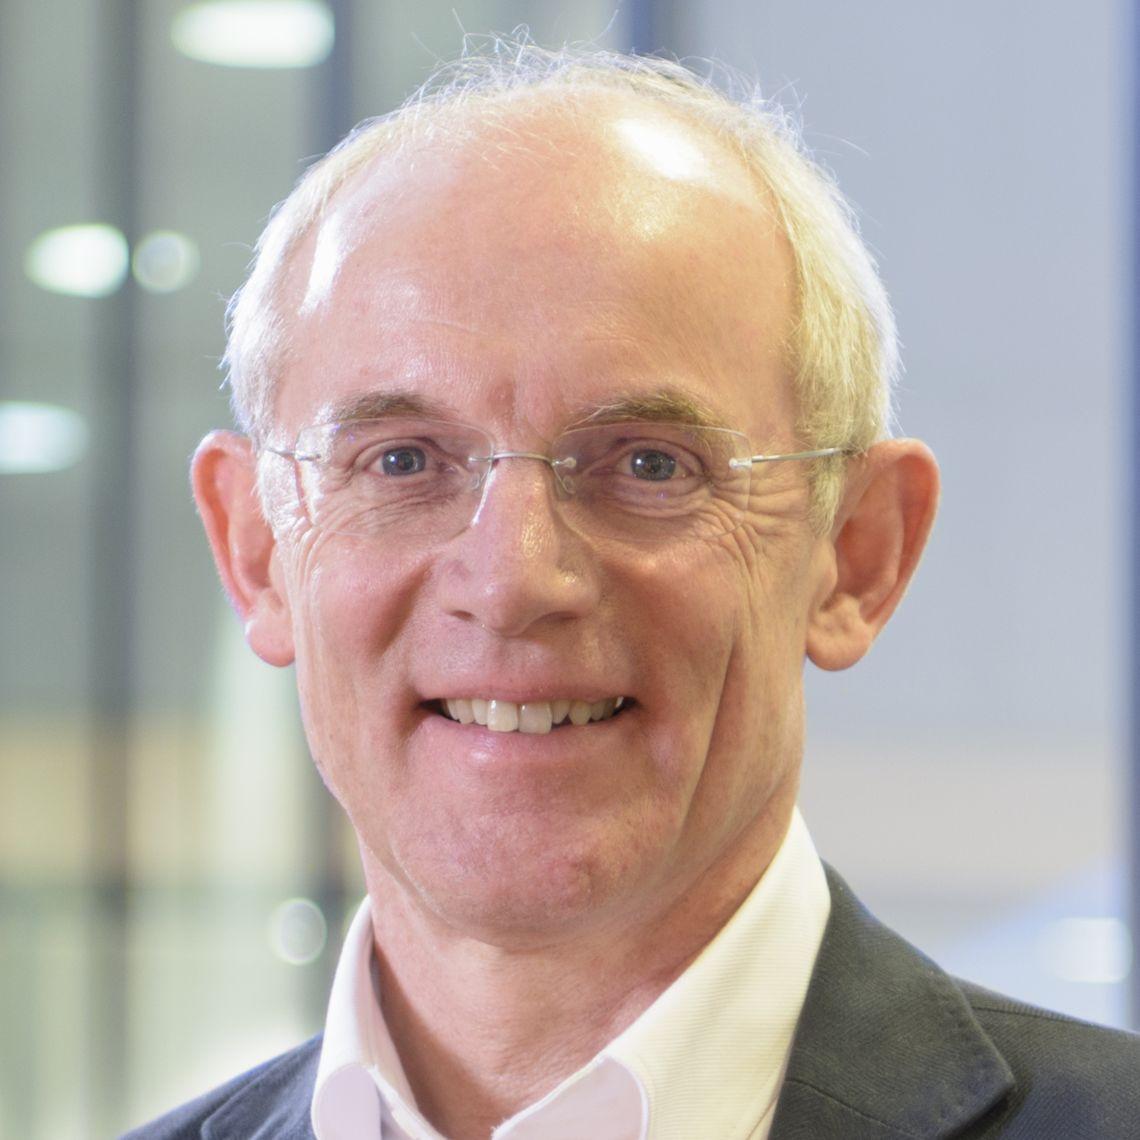 Benoît Van den Eynde